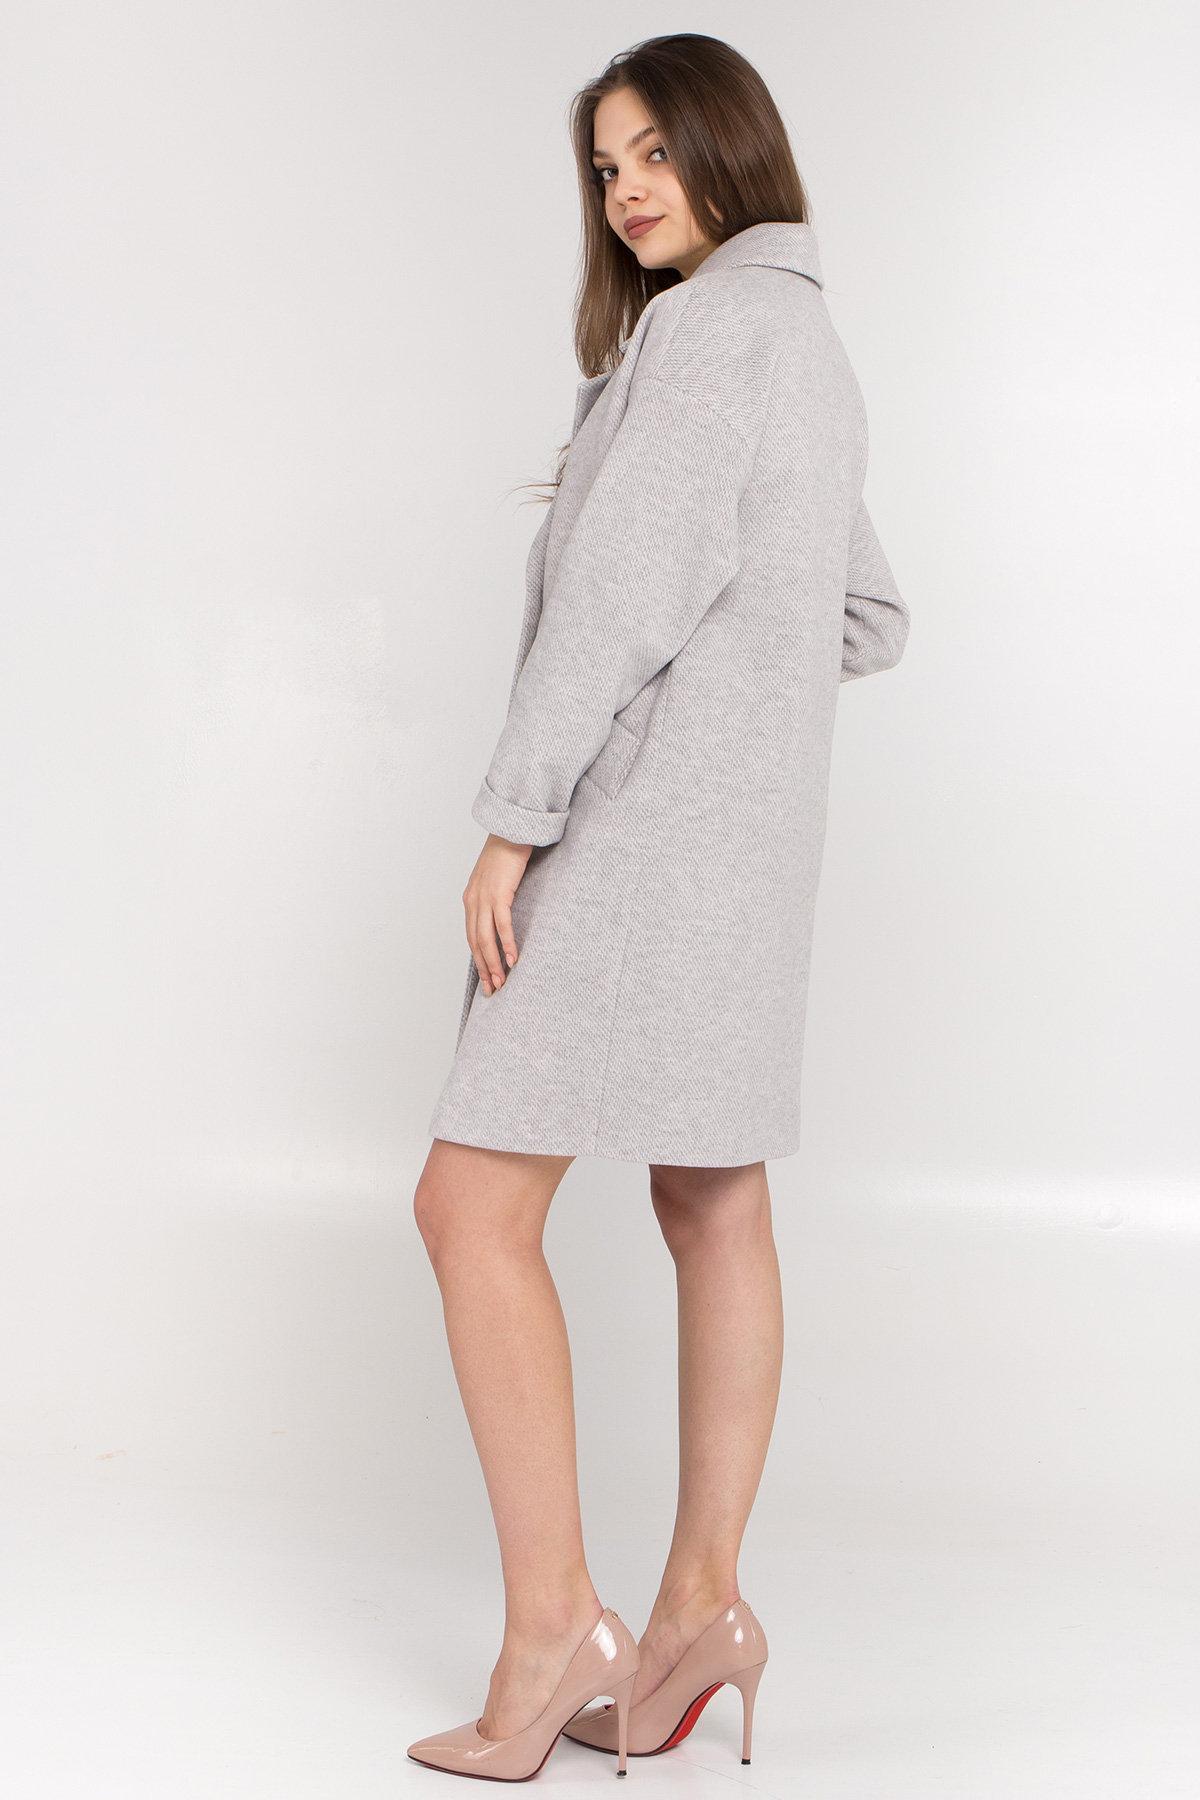 Демисезонное двубортное пальто Сенсей 8845 АРТ. 45170 Цвет: Светло серый - фото 6, интернет магазин tm-modus.ru